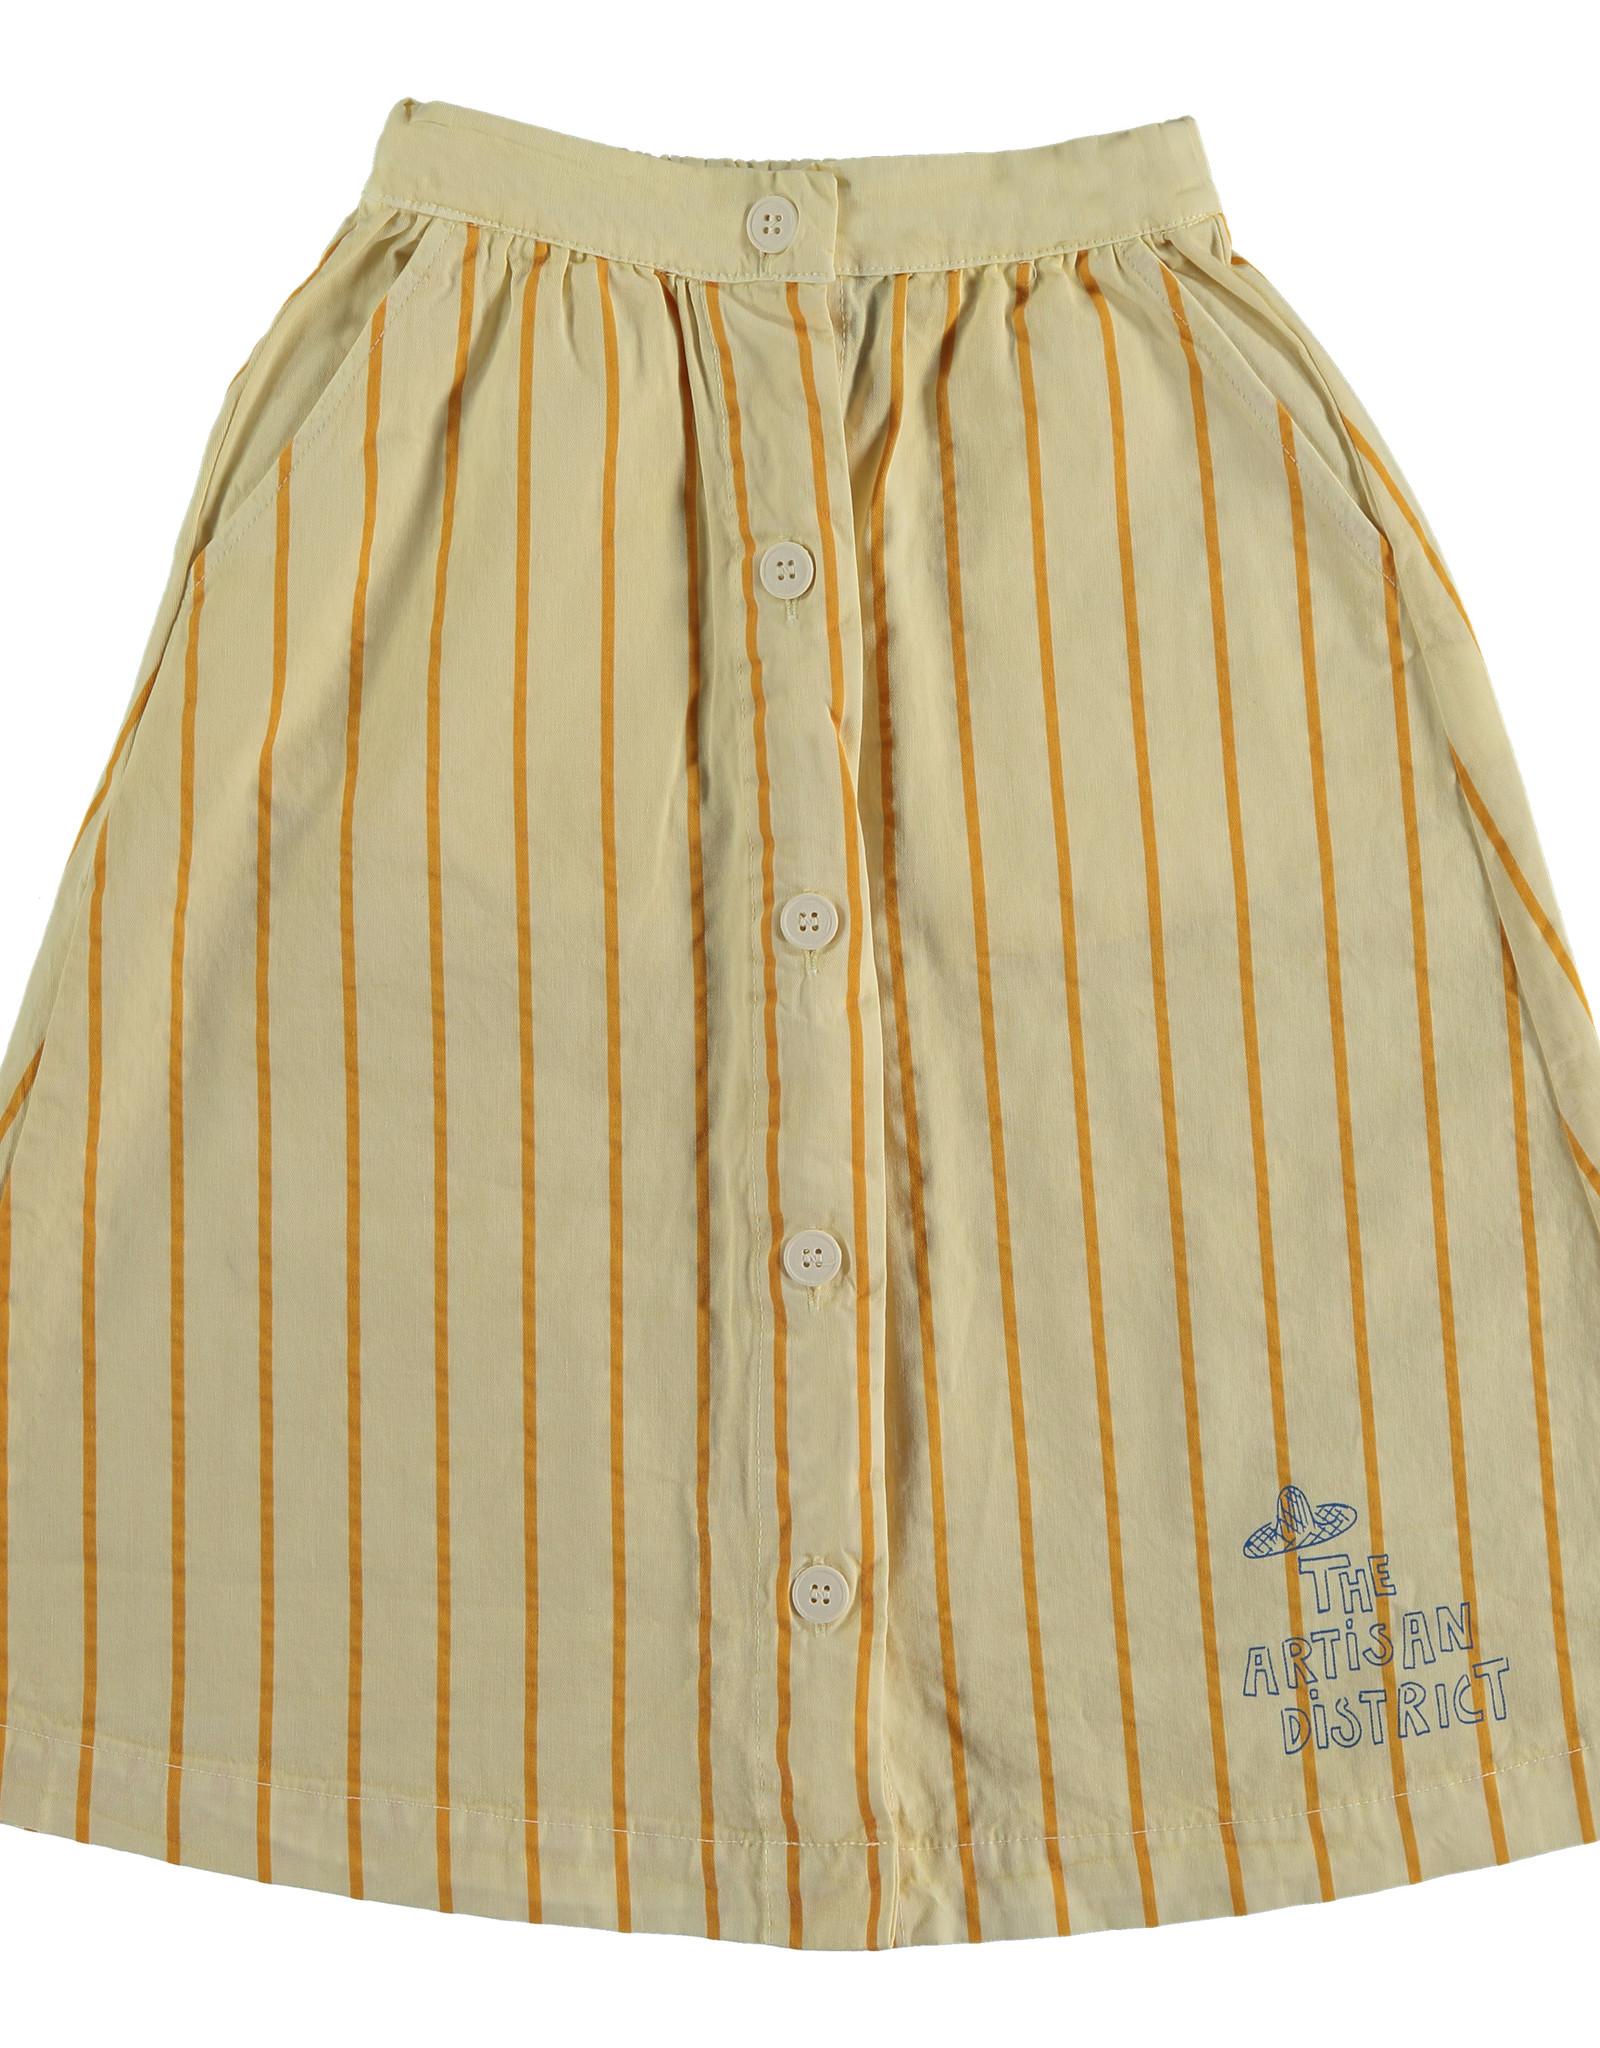 Bonmot Artisan skirt